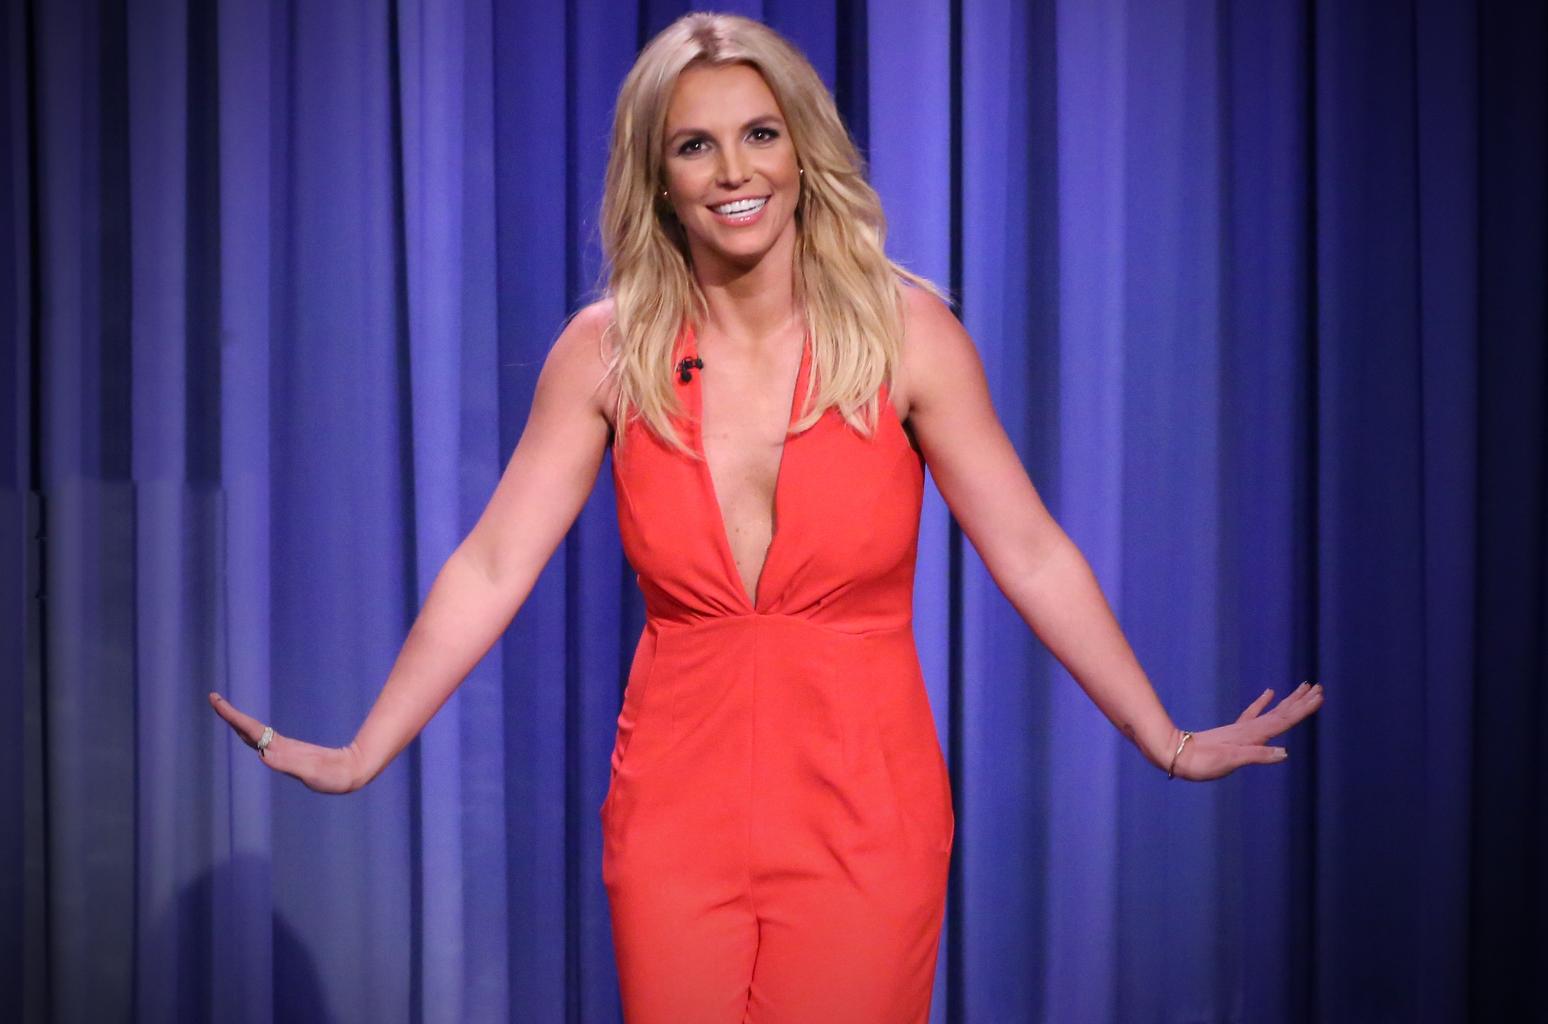 Η Britney Spears τώρα και ζωγράφος – Αύριο τα εγκαίνια της πρώτης έκθεσής της στη Γαλλία